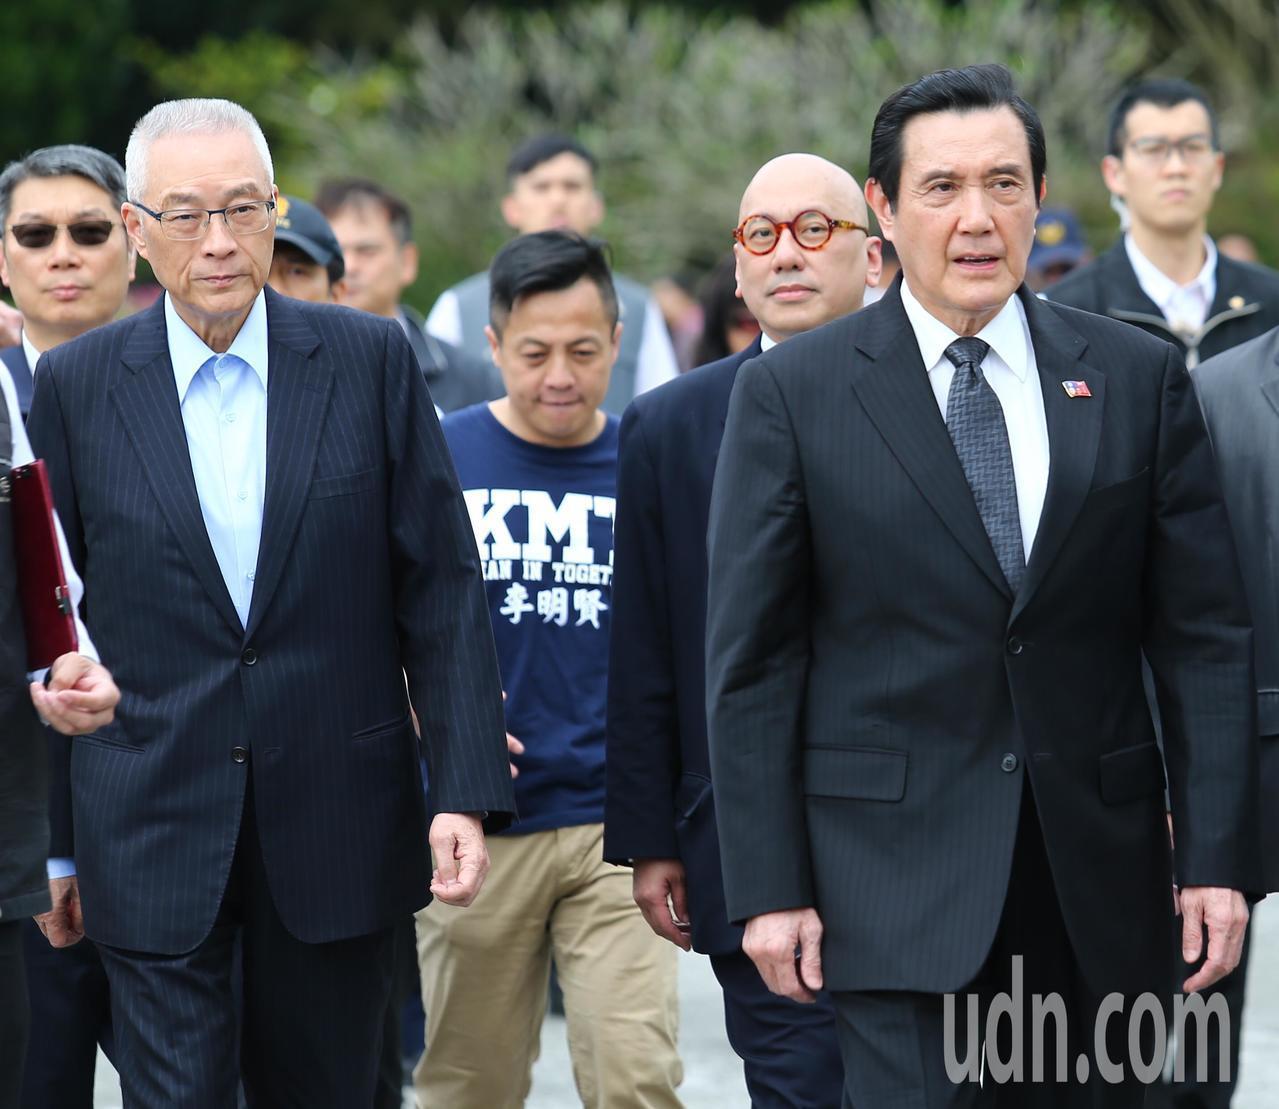 國民黨主席吳敦義(左一)與前總統馬英九(右一)。記者王騰毅/攝影